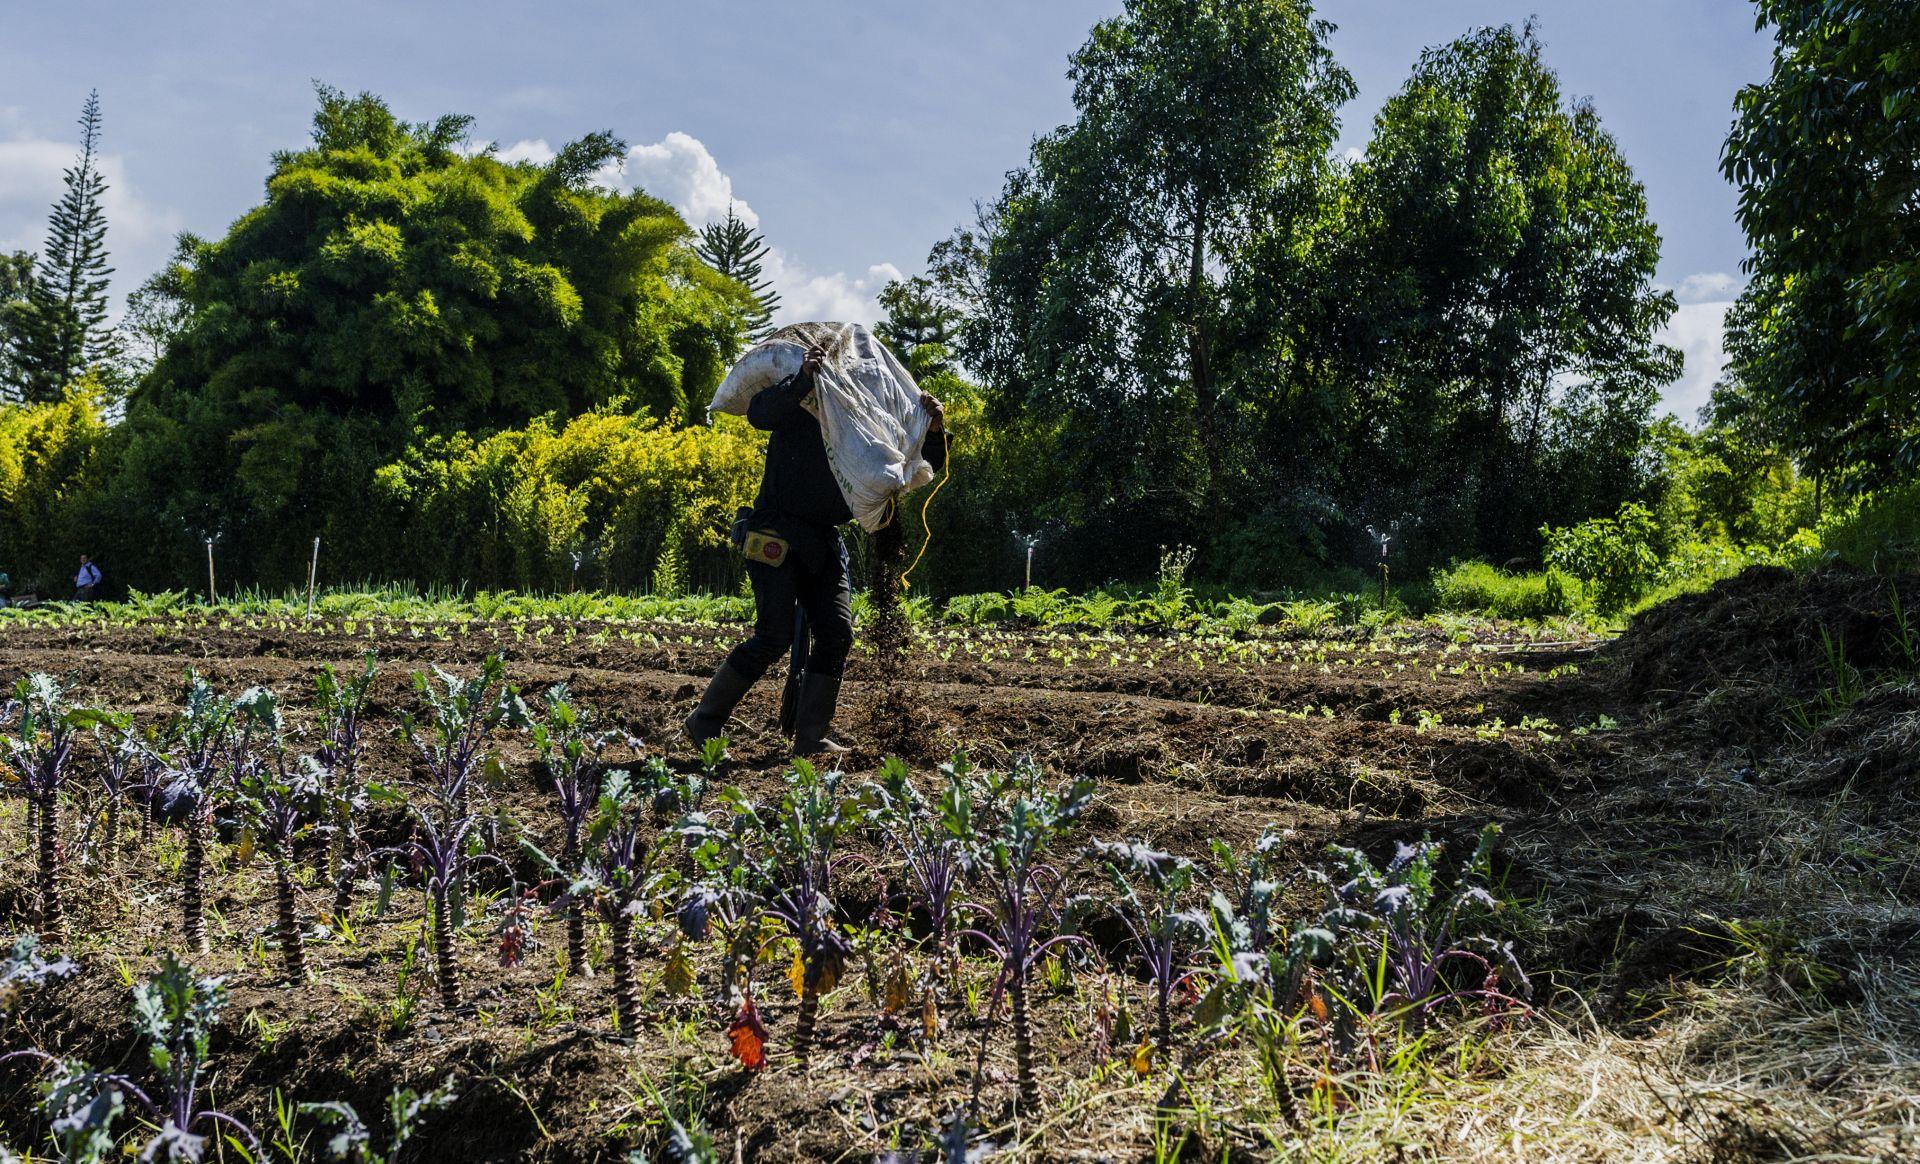 Un trabajador de una granja en Llanogrande (Colombia), donde cultivan legumbres y hortalizas para abastecer la cocina de Olivia